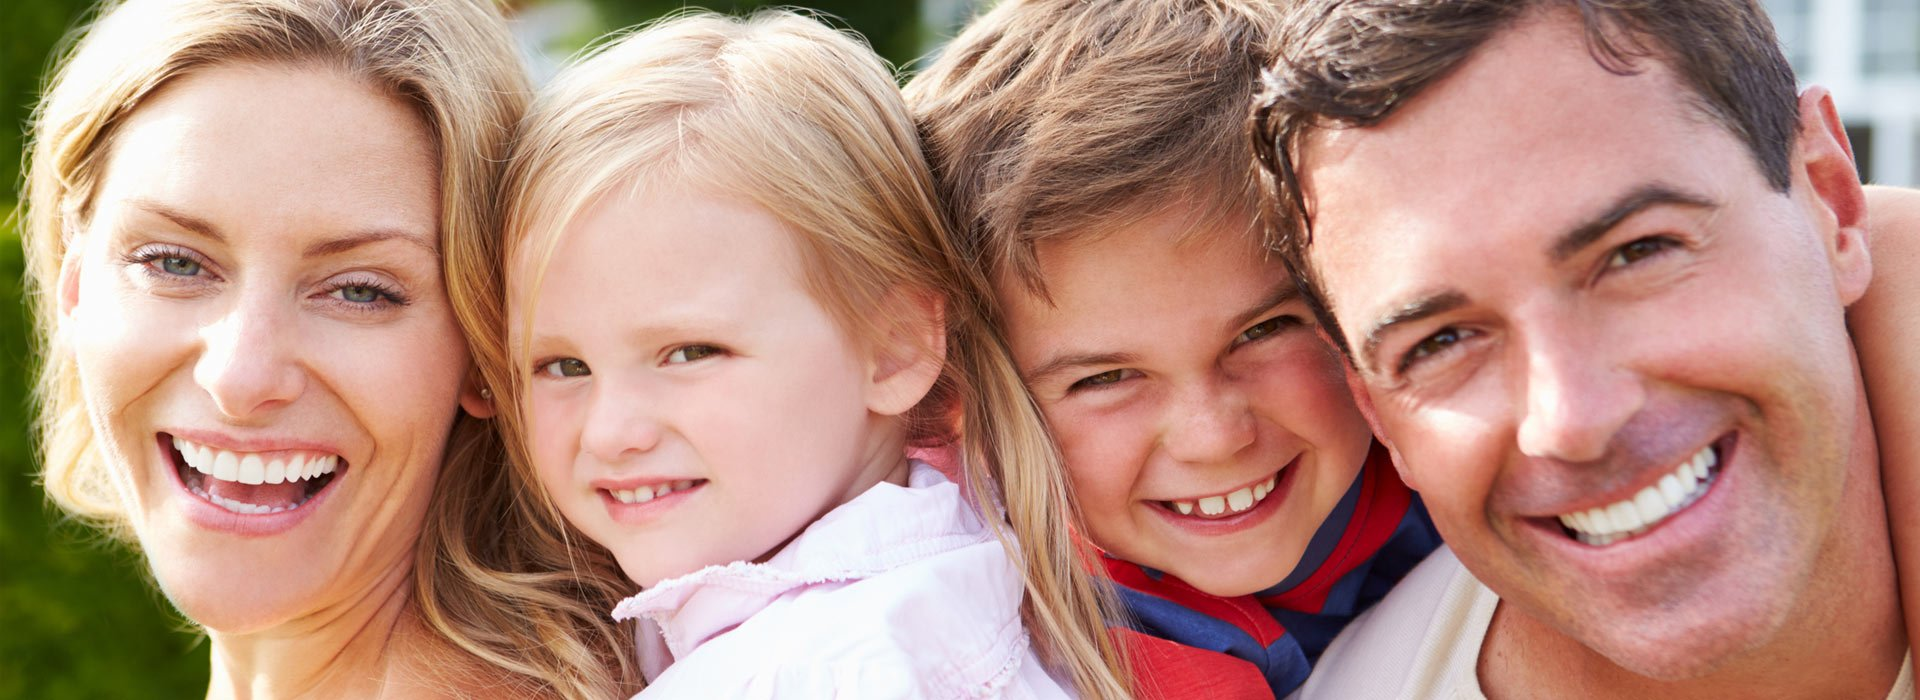 family smiling outside